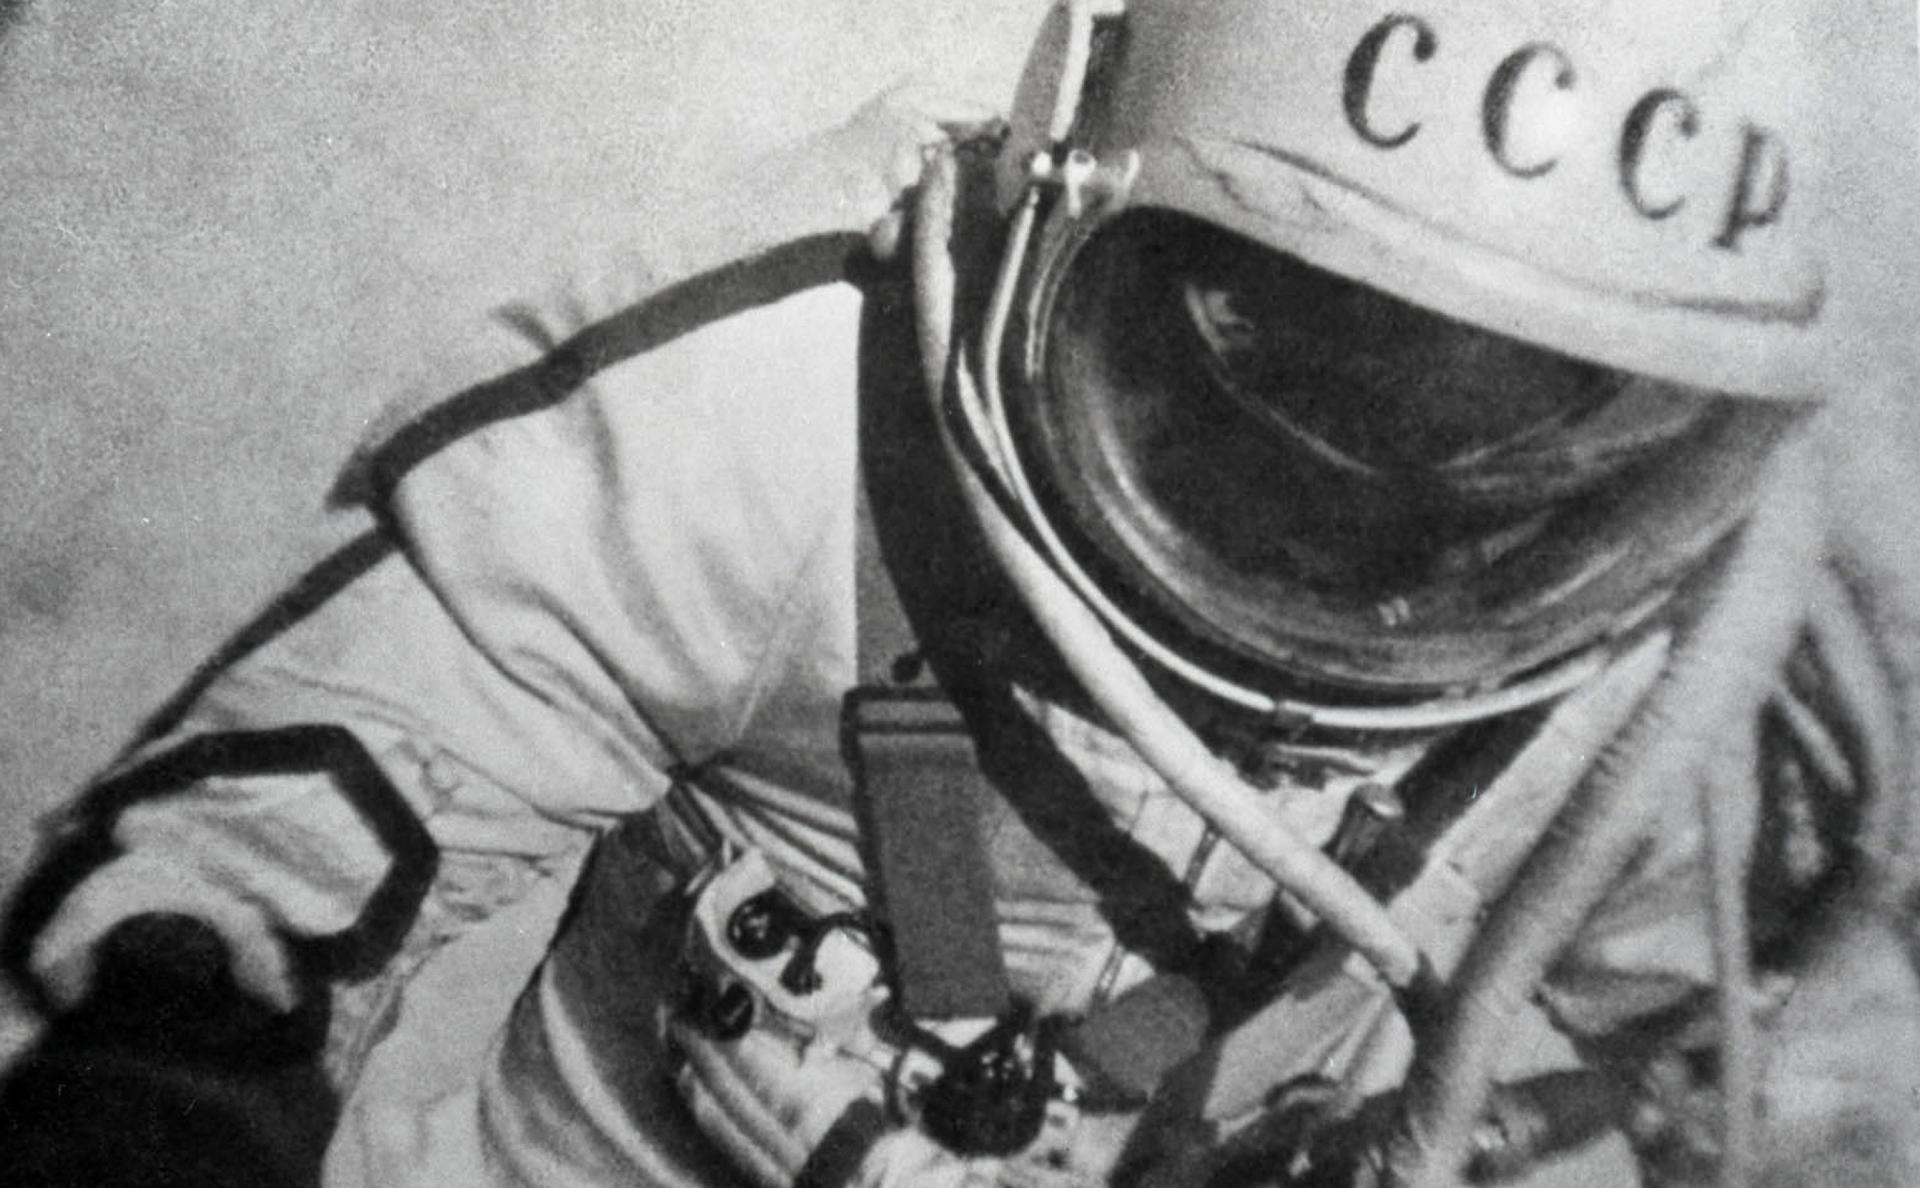 Космонавт Леонов А. А. в открытом космосе во время полета КК «Восход-2»